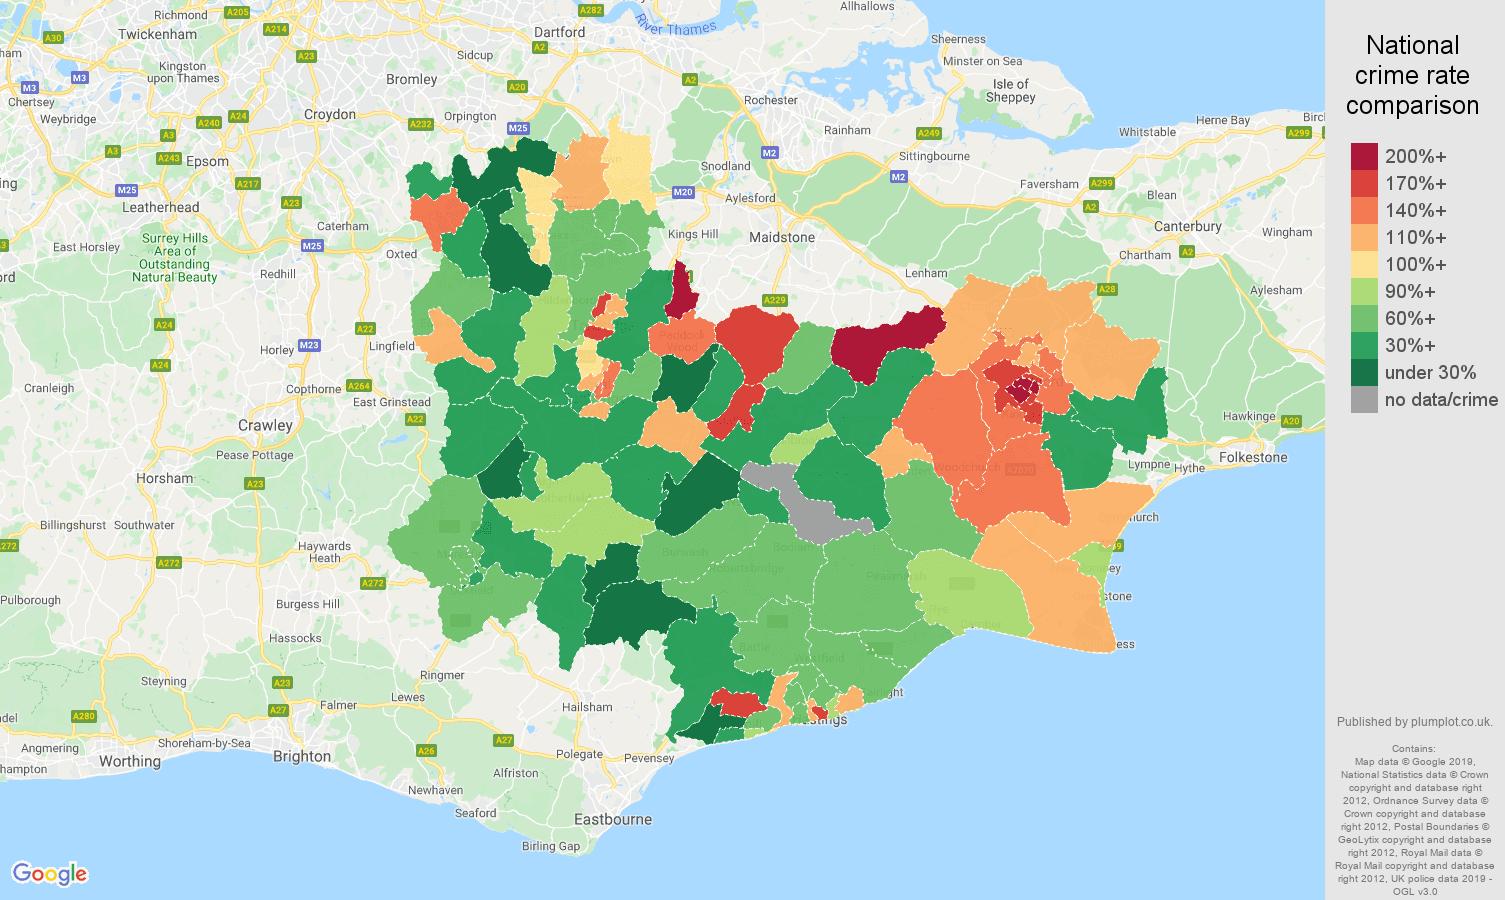 Tonbridge other crime rate comparison map